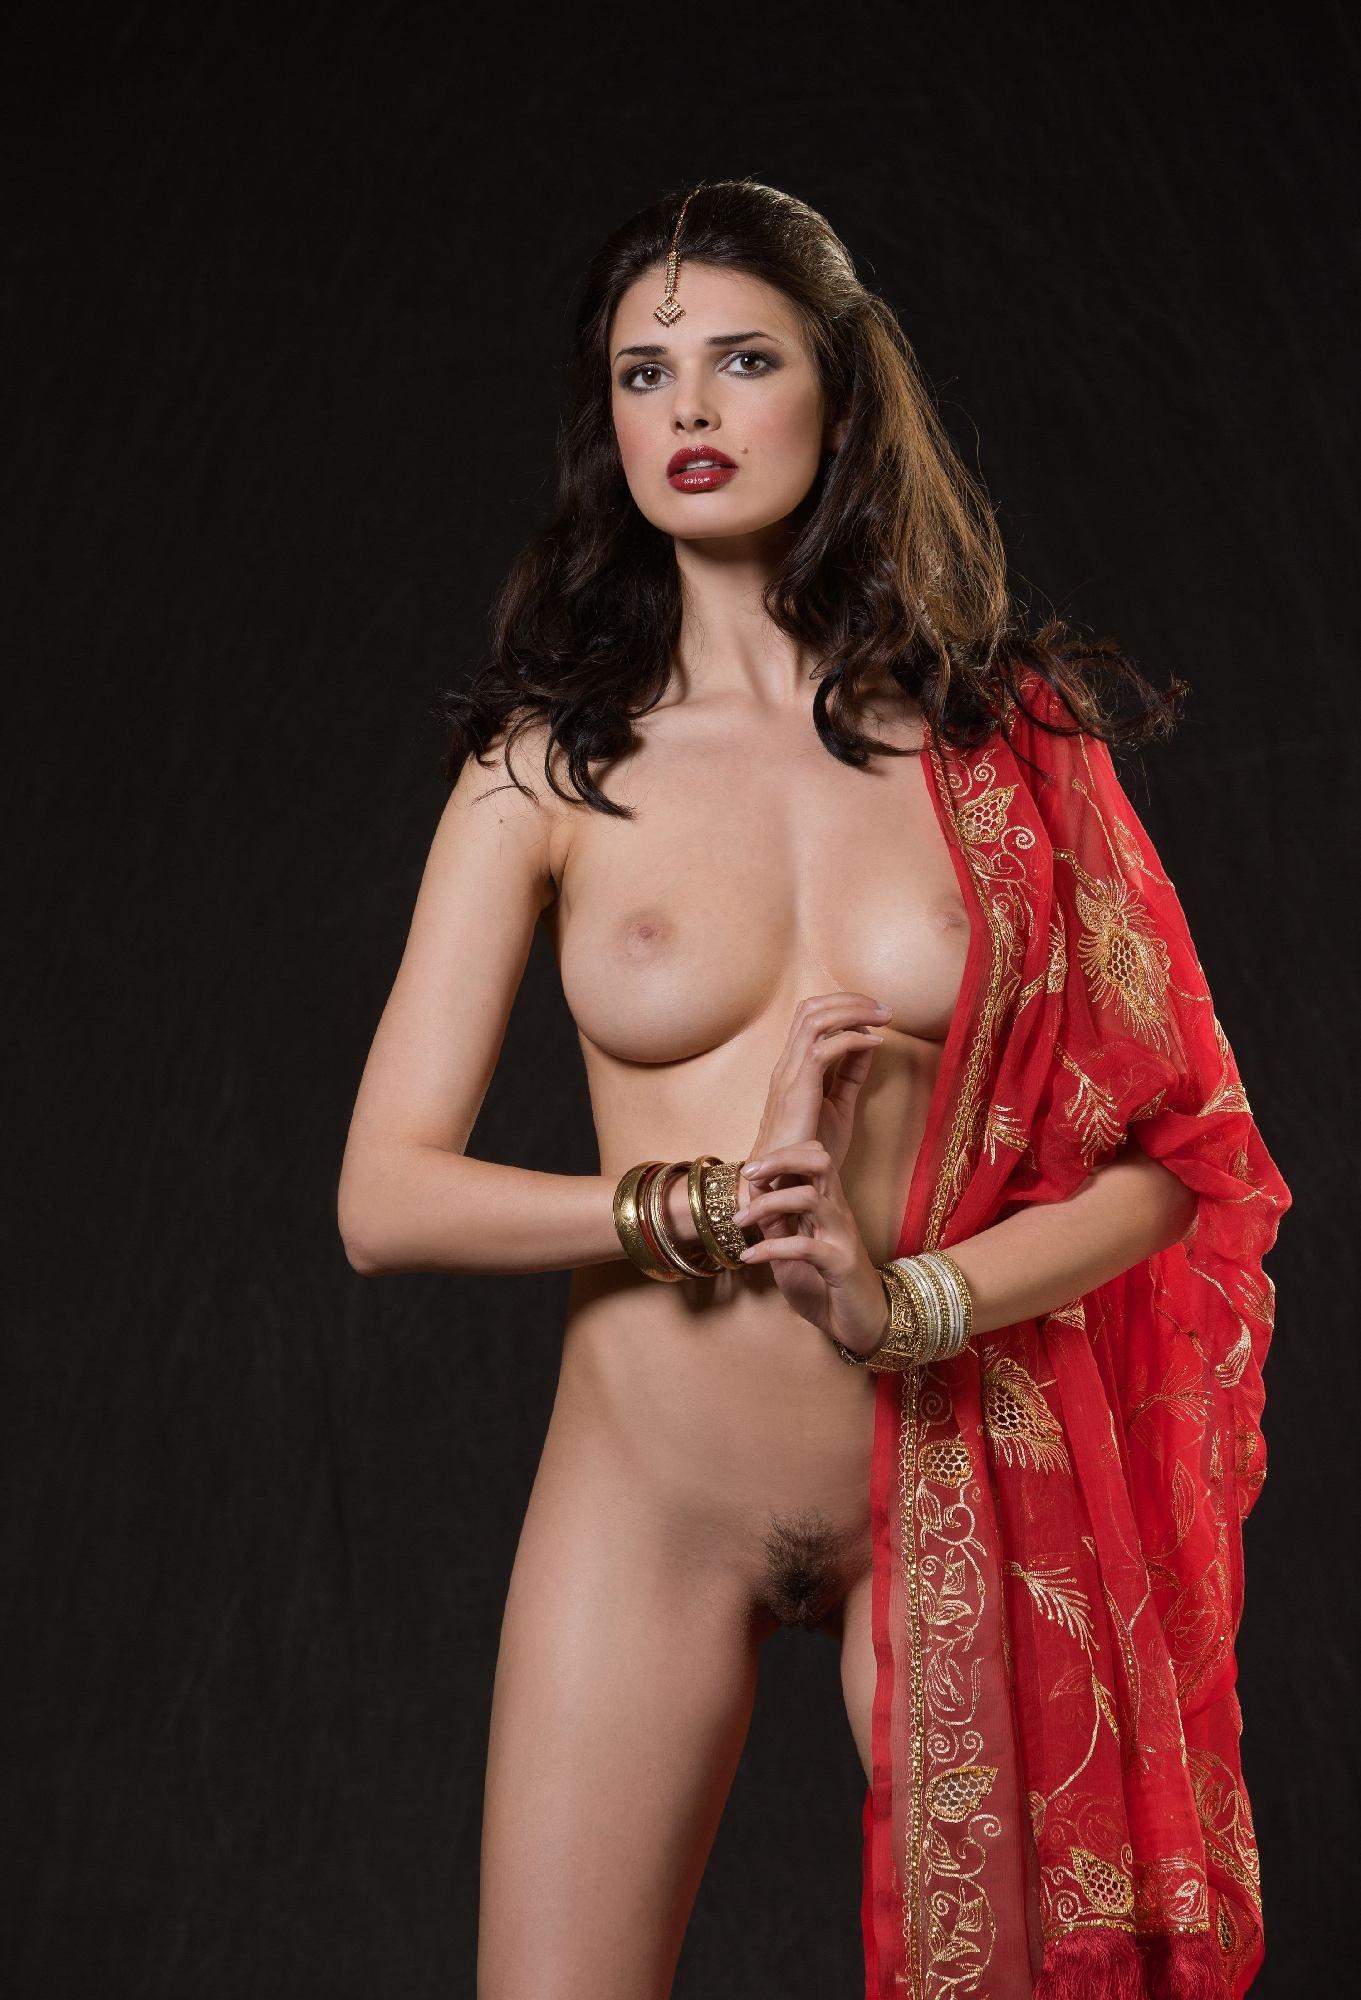 Голые сексуальные индианки фото #1